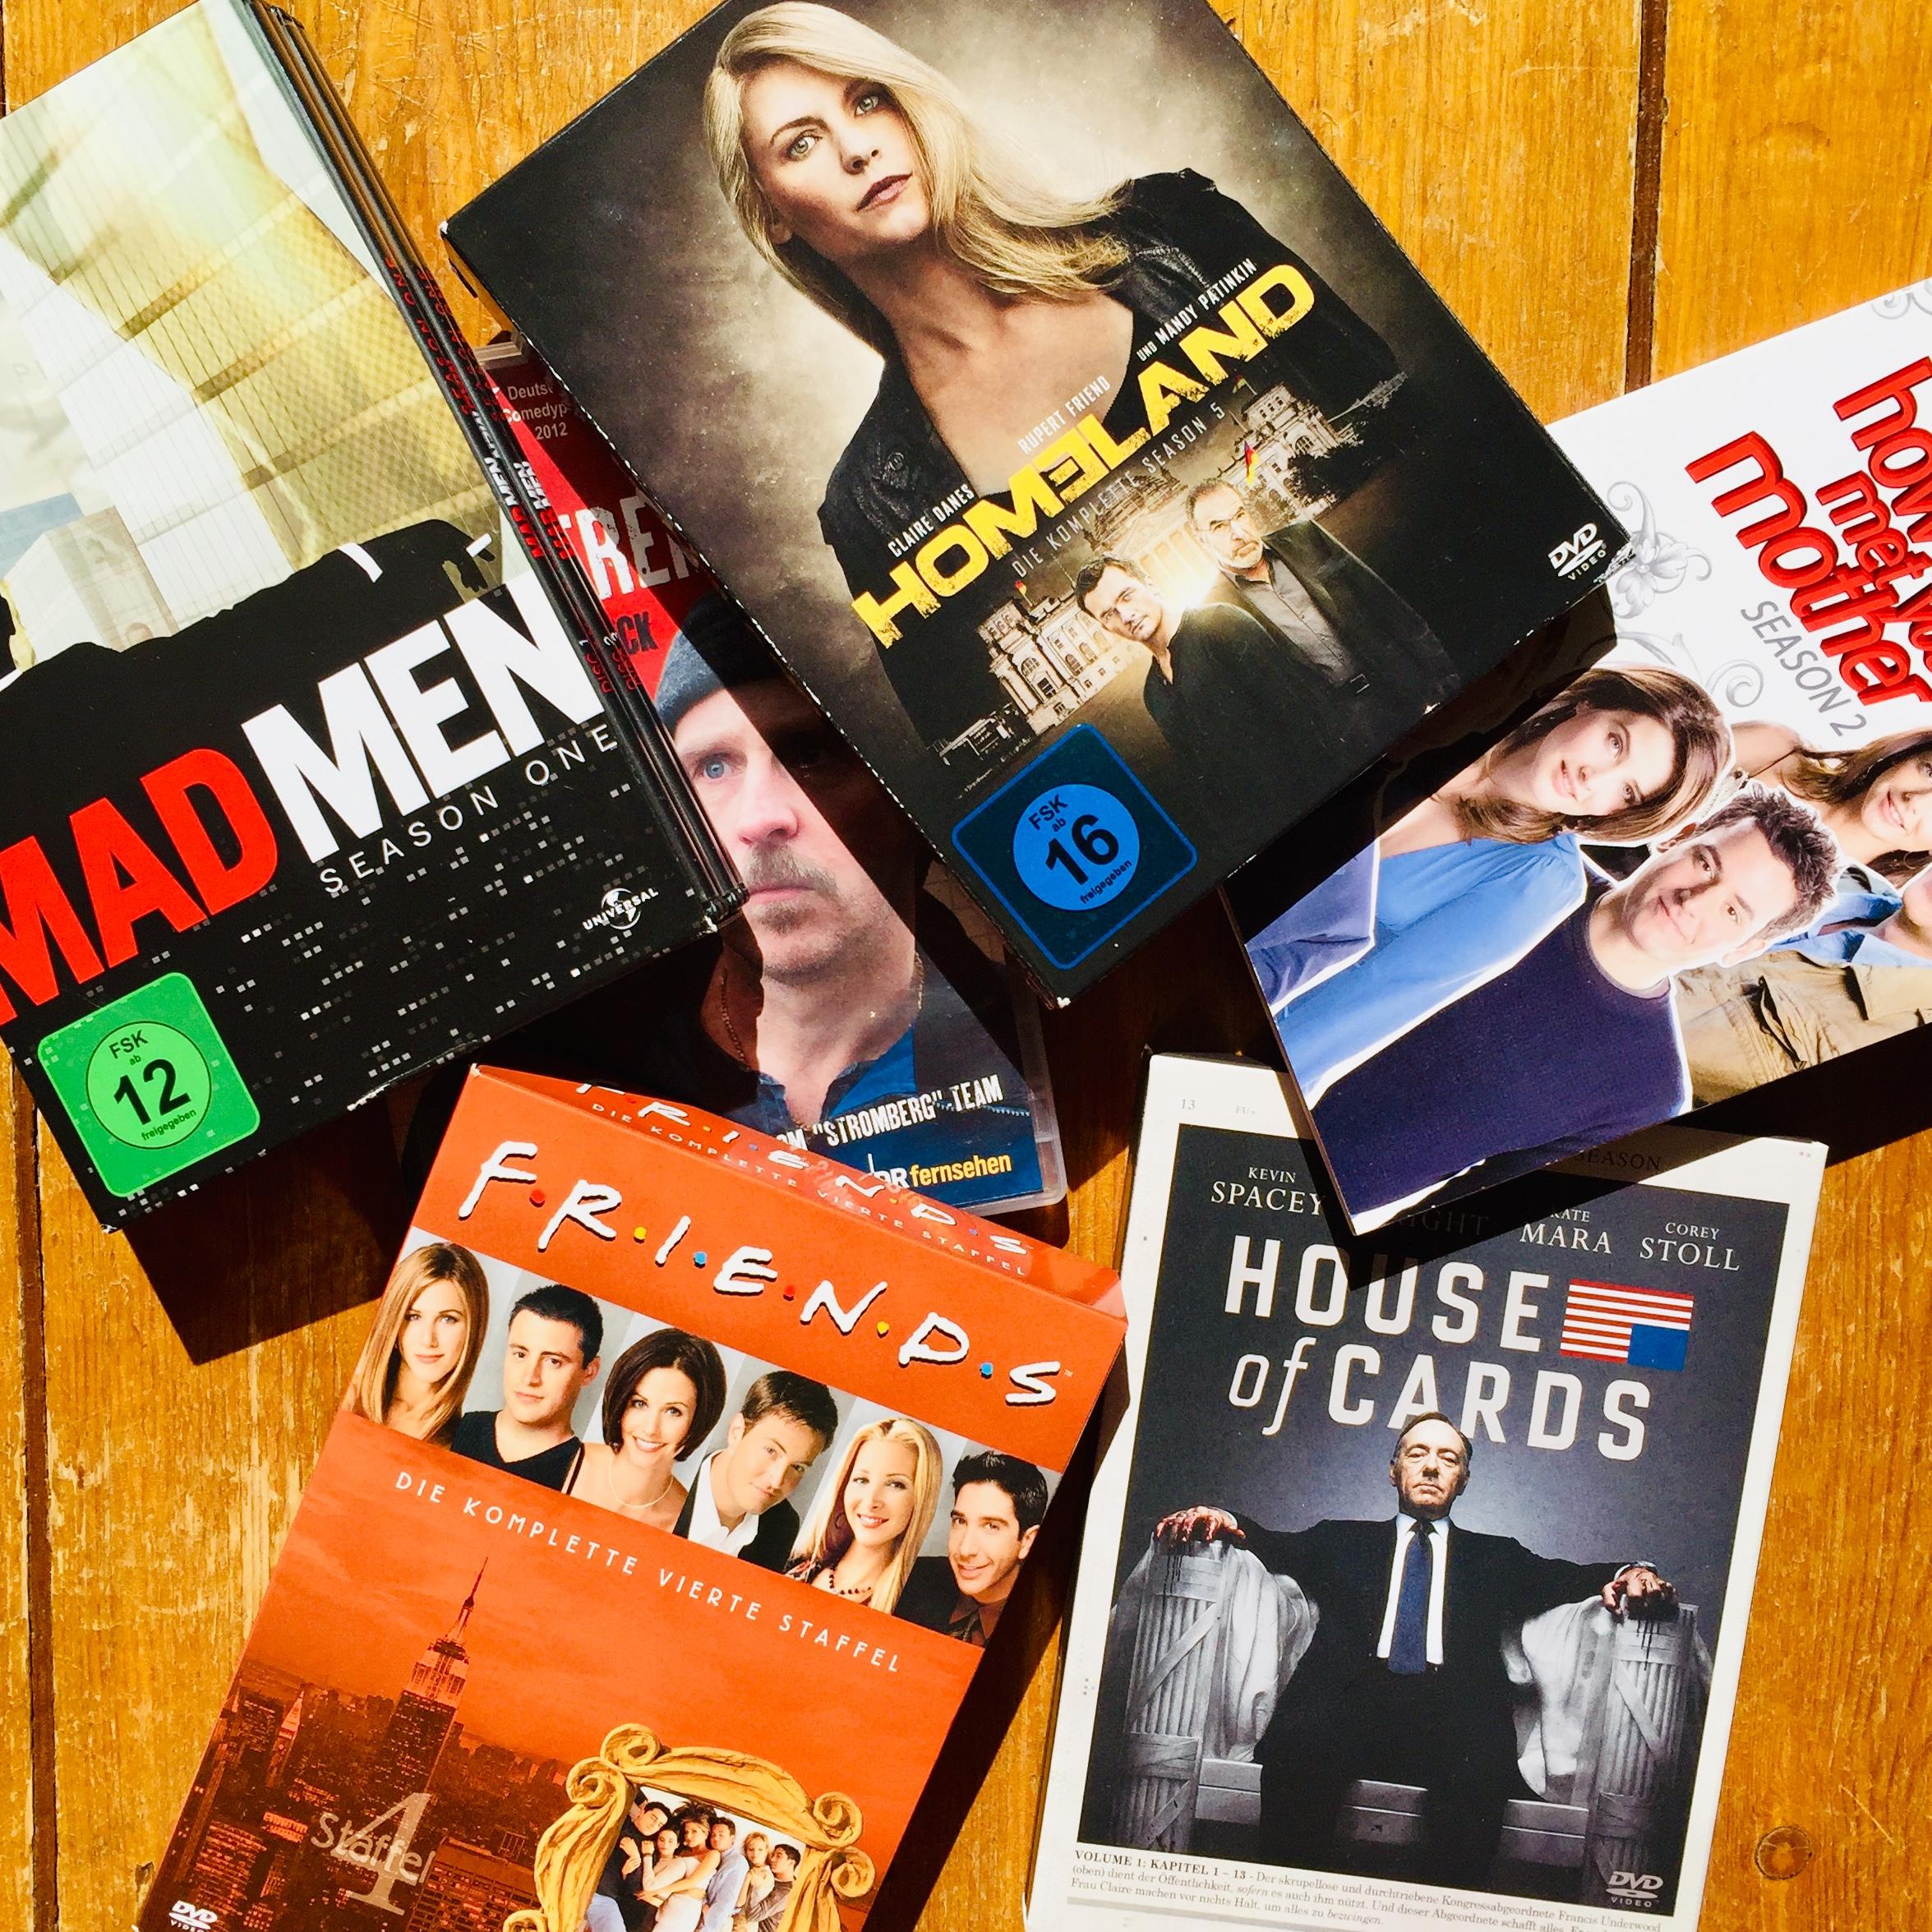 Seriensuchten Mad men House of Cards Friends How I met your mother Homeland Der Tatortreiniger Games of Thrones Serien Bingwatching